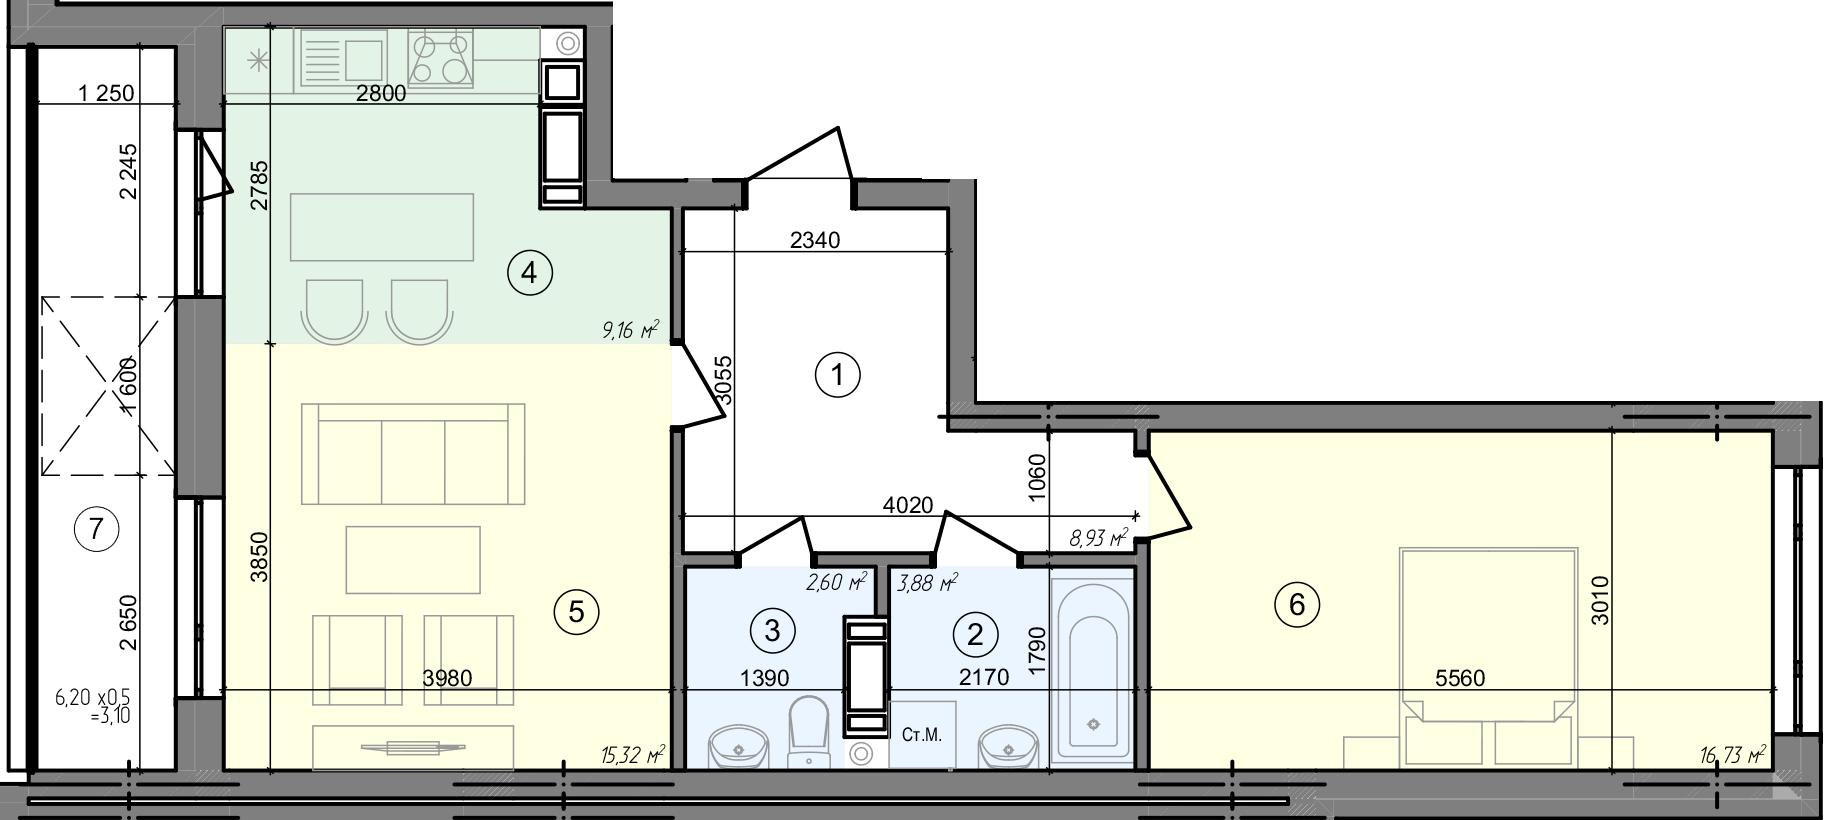 Купити Двокімнатна квартира 59,72 кв.м., тип 2.2, будинок 3, секція 5 в Києві Голосіївський район